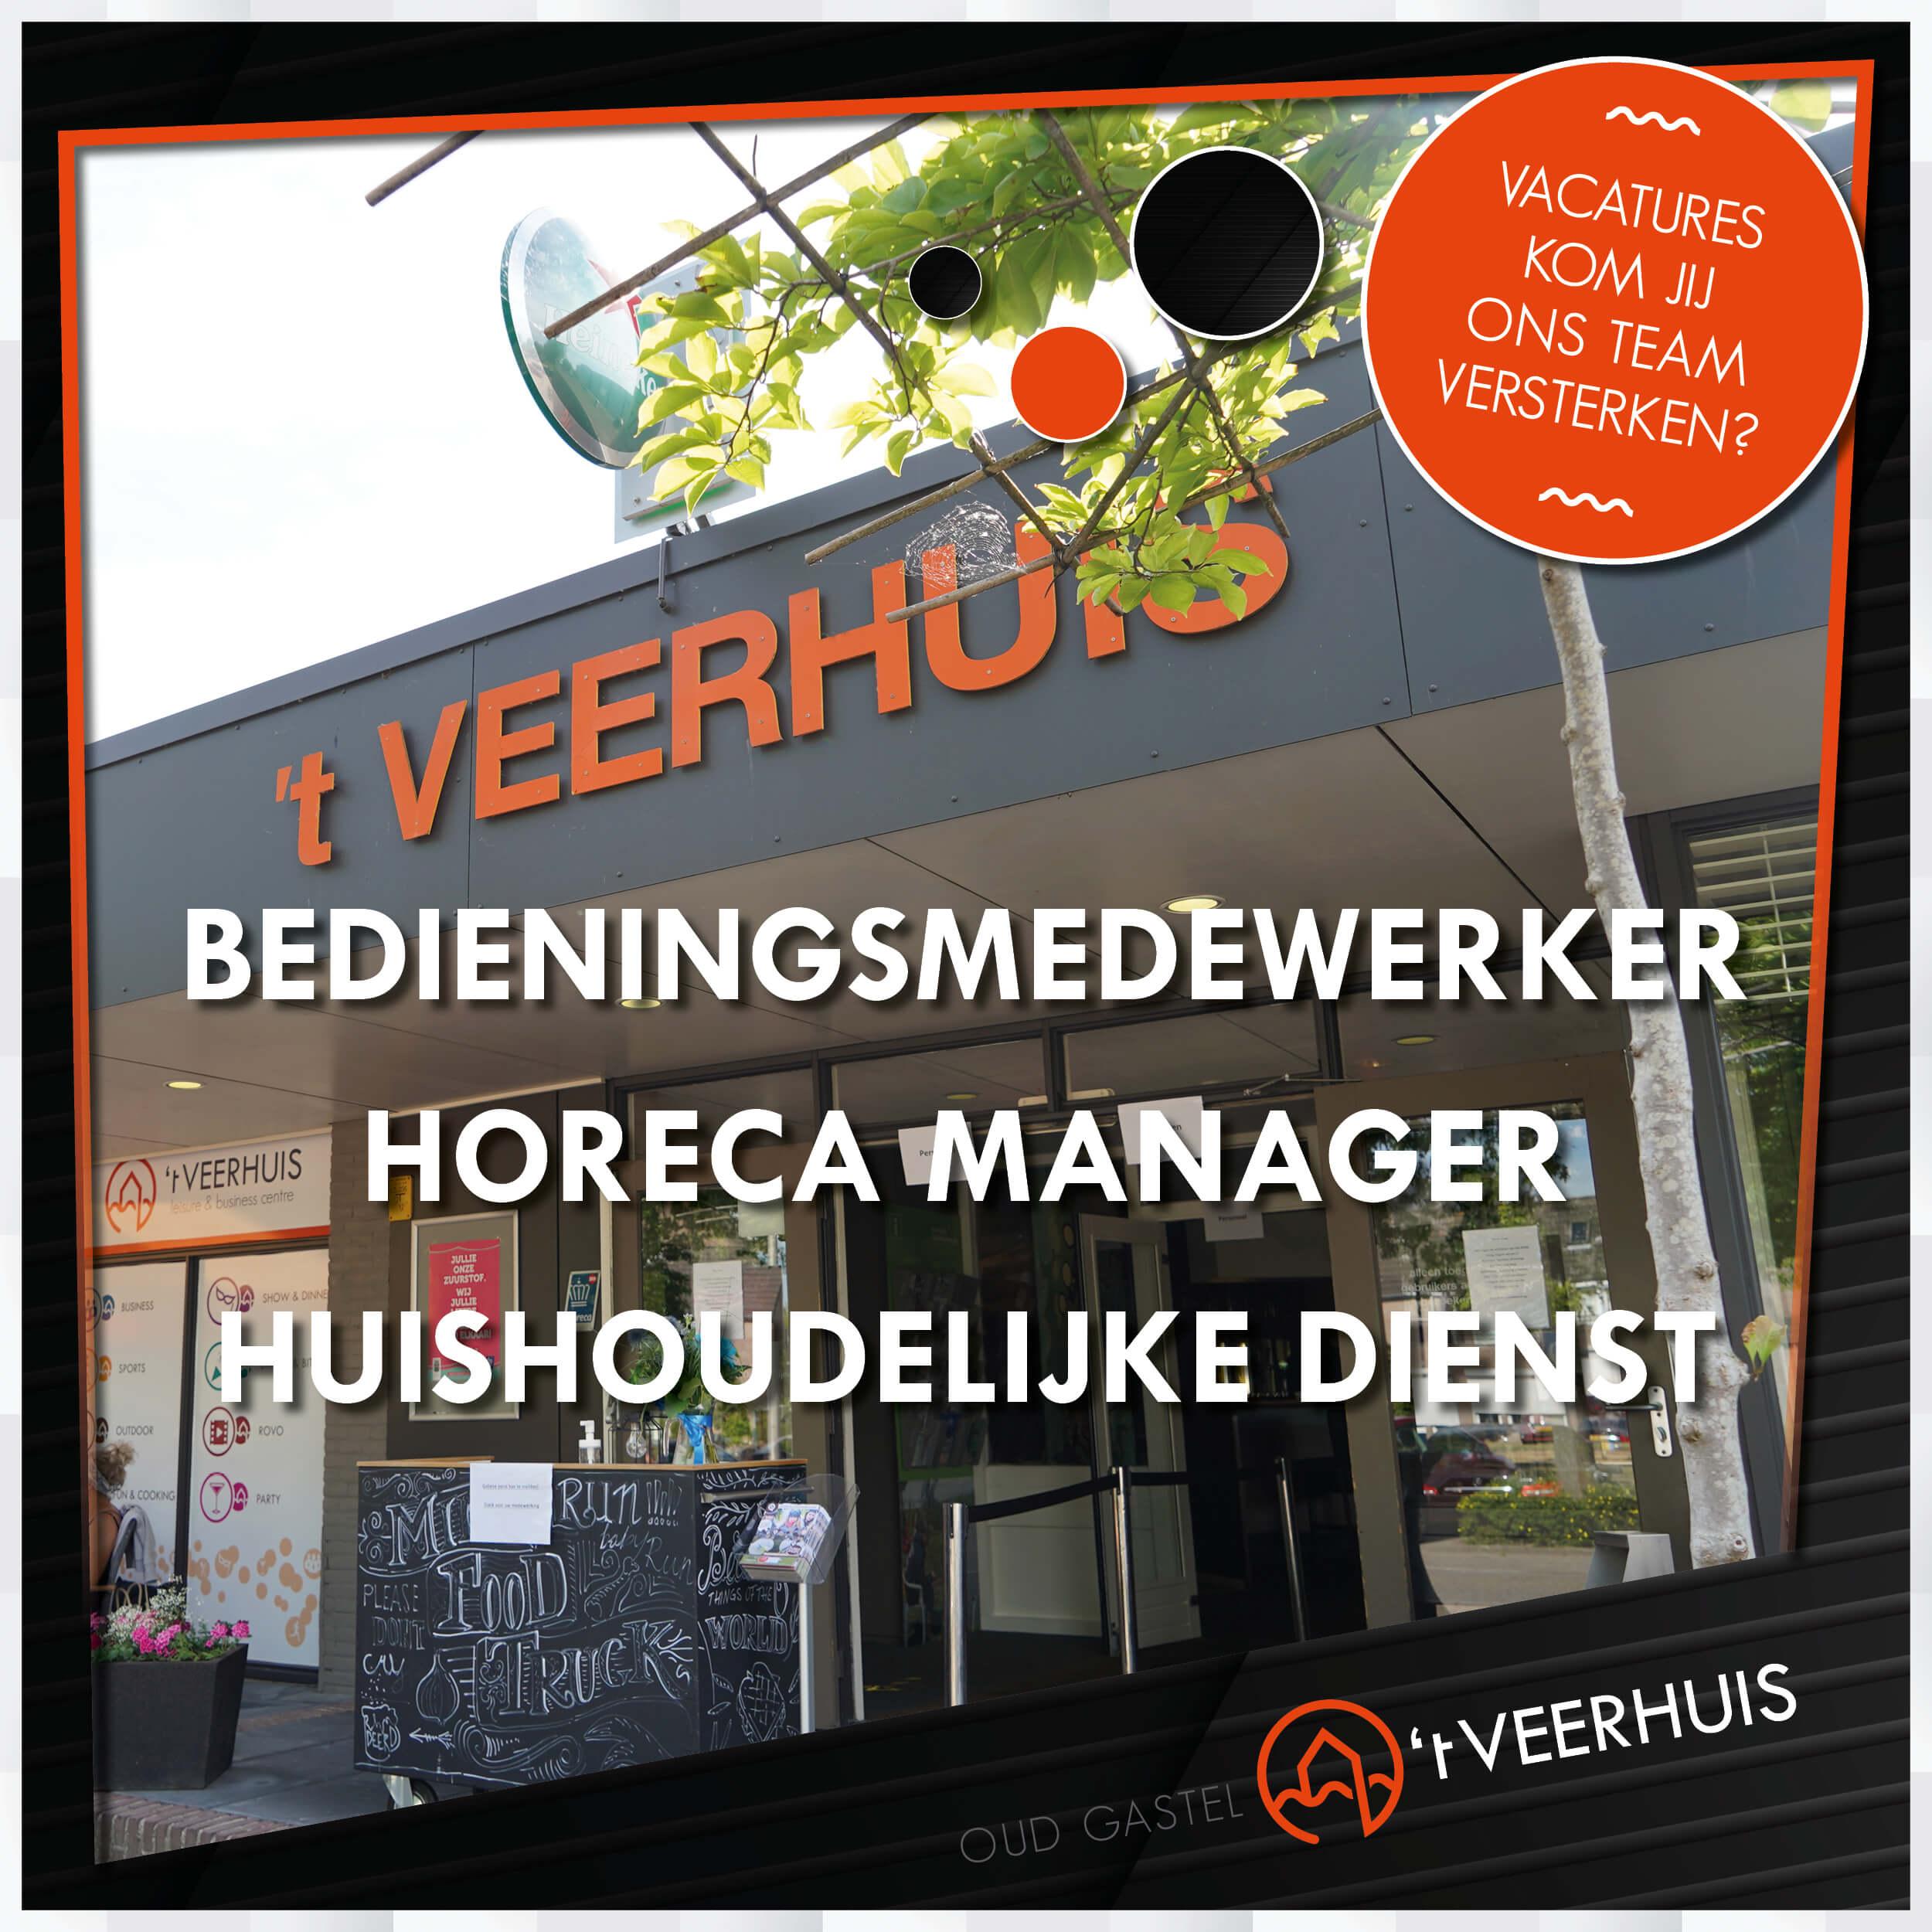 't Veerhuis Oud Gastel